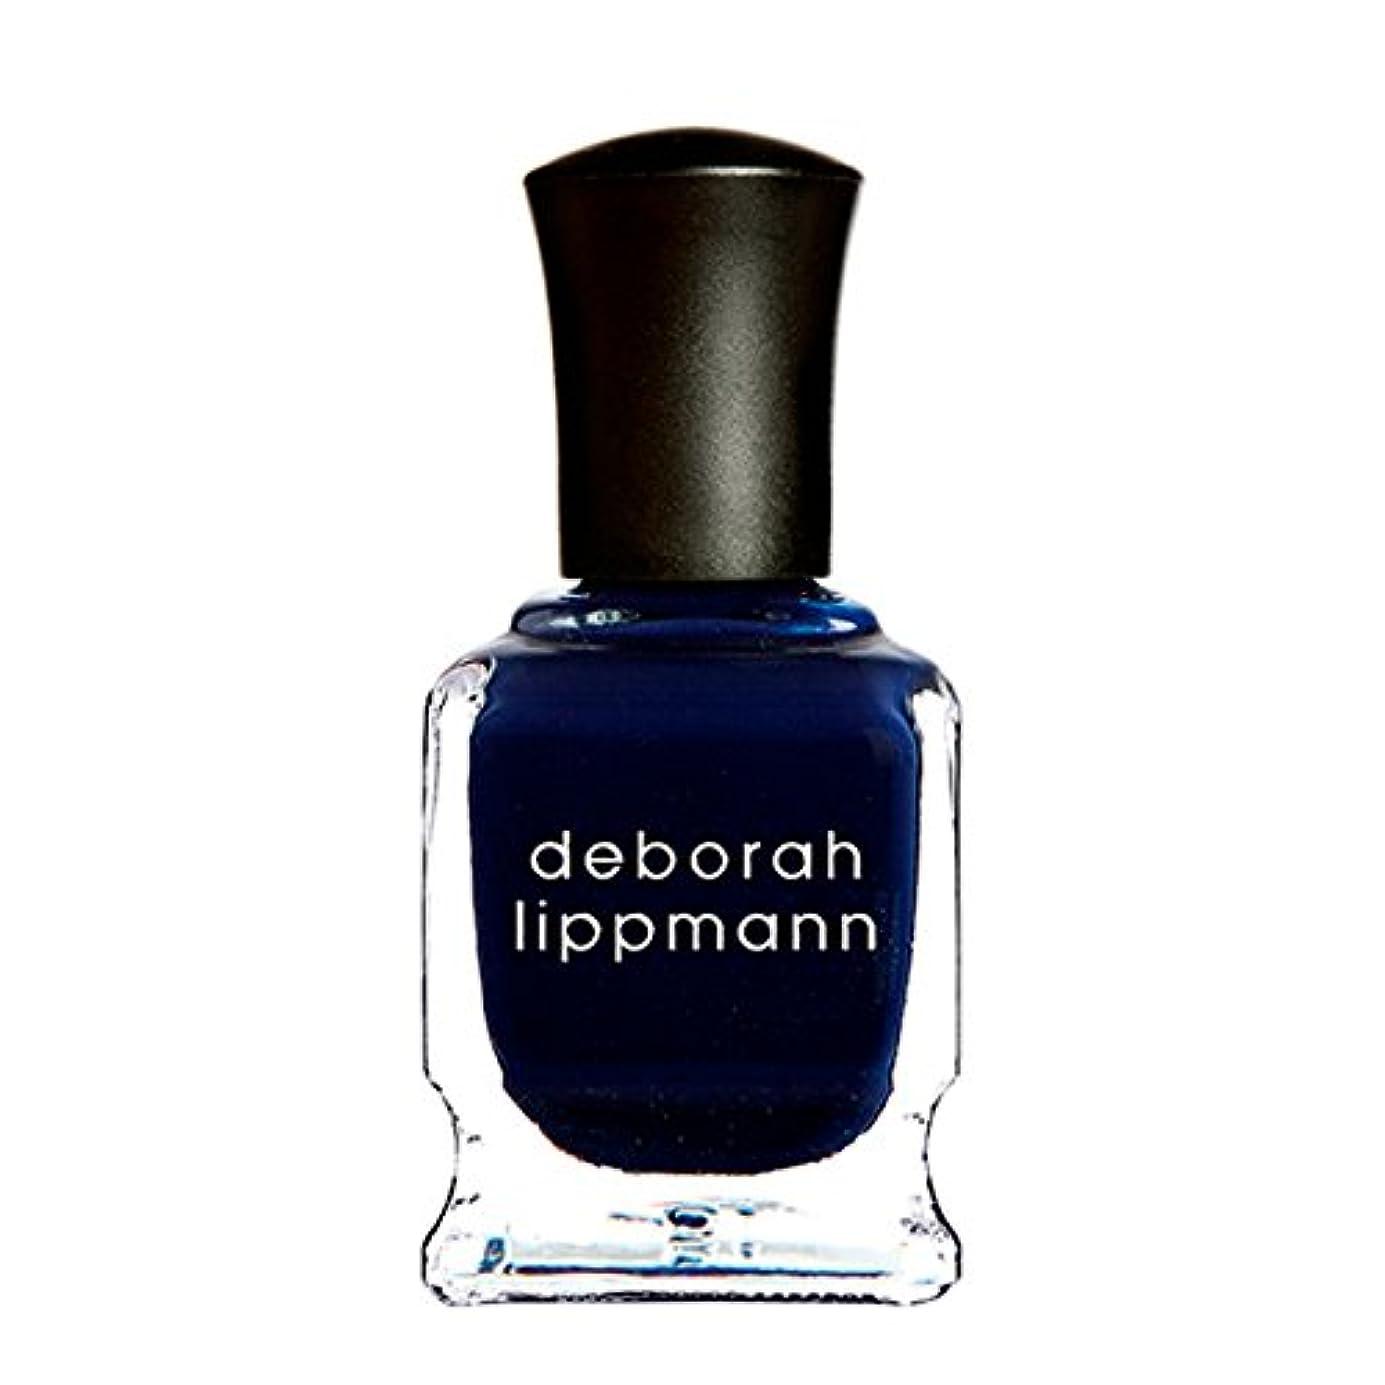 アマチュア笑祖先[Deborah Lippmann] [ デボラリップマン] ローリングインザディープ (Rolling in the Deep) 色:ミッドナイトブルー ネイルカラー系統:ブルー 15mL